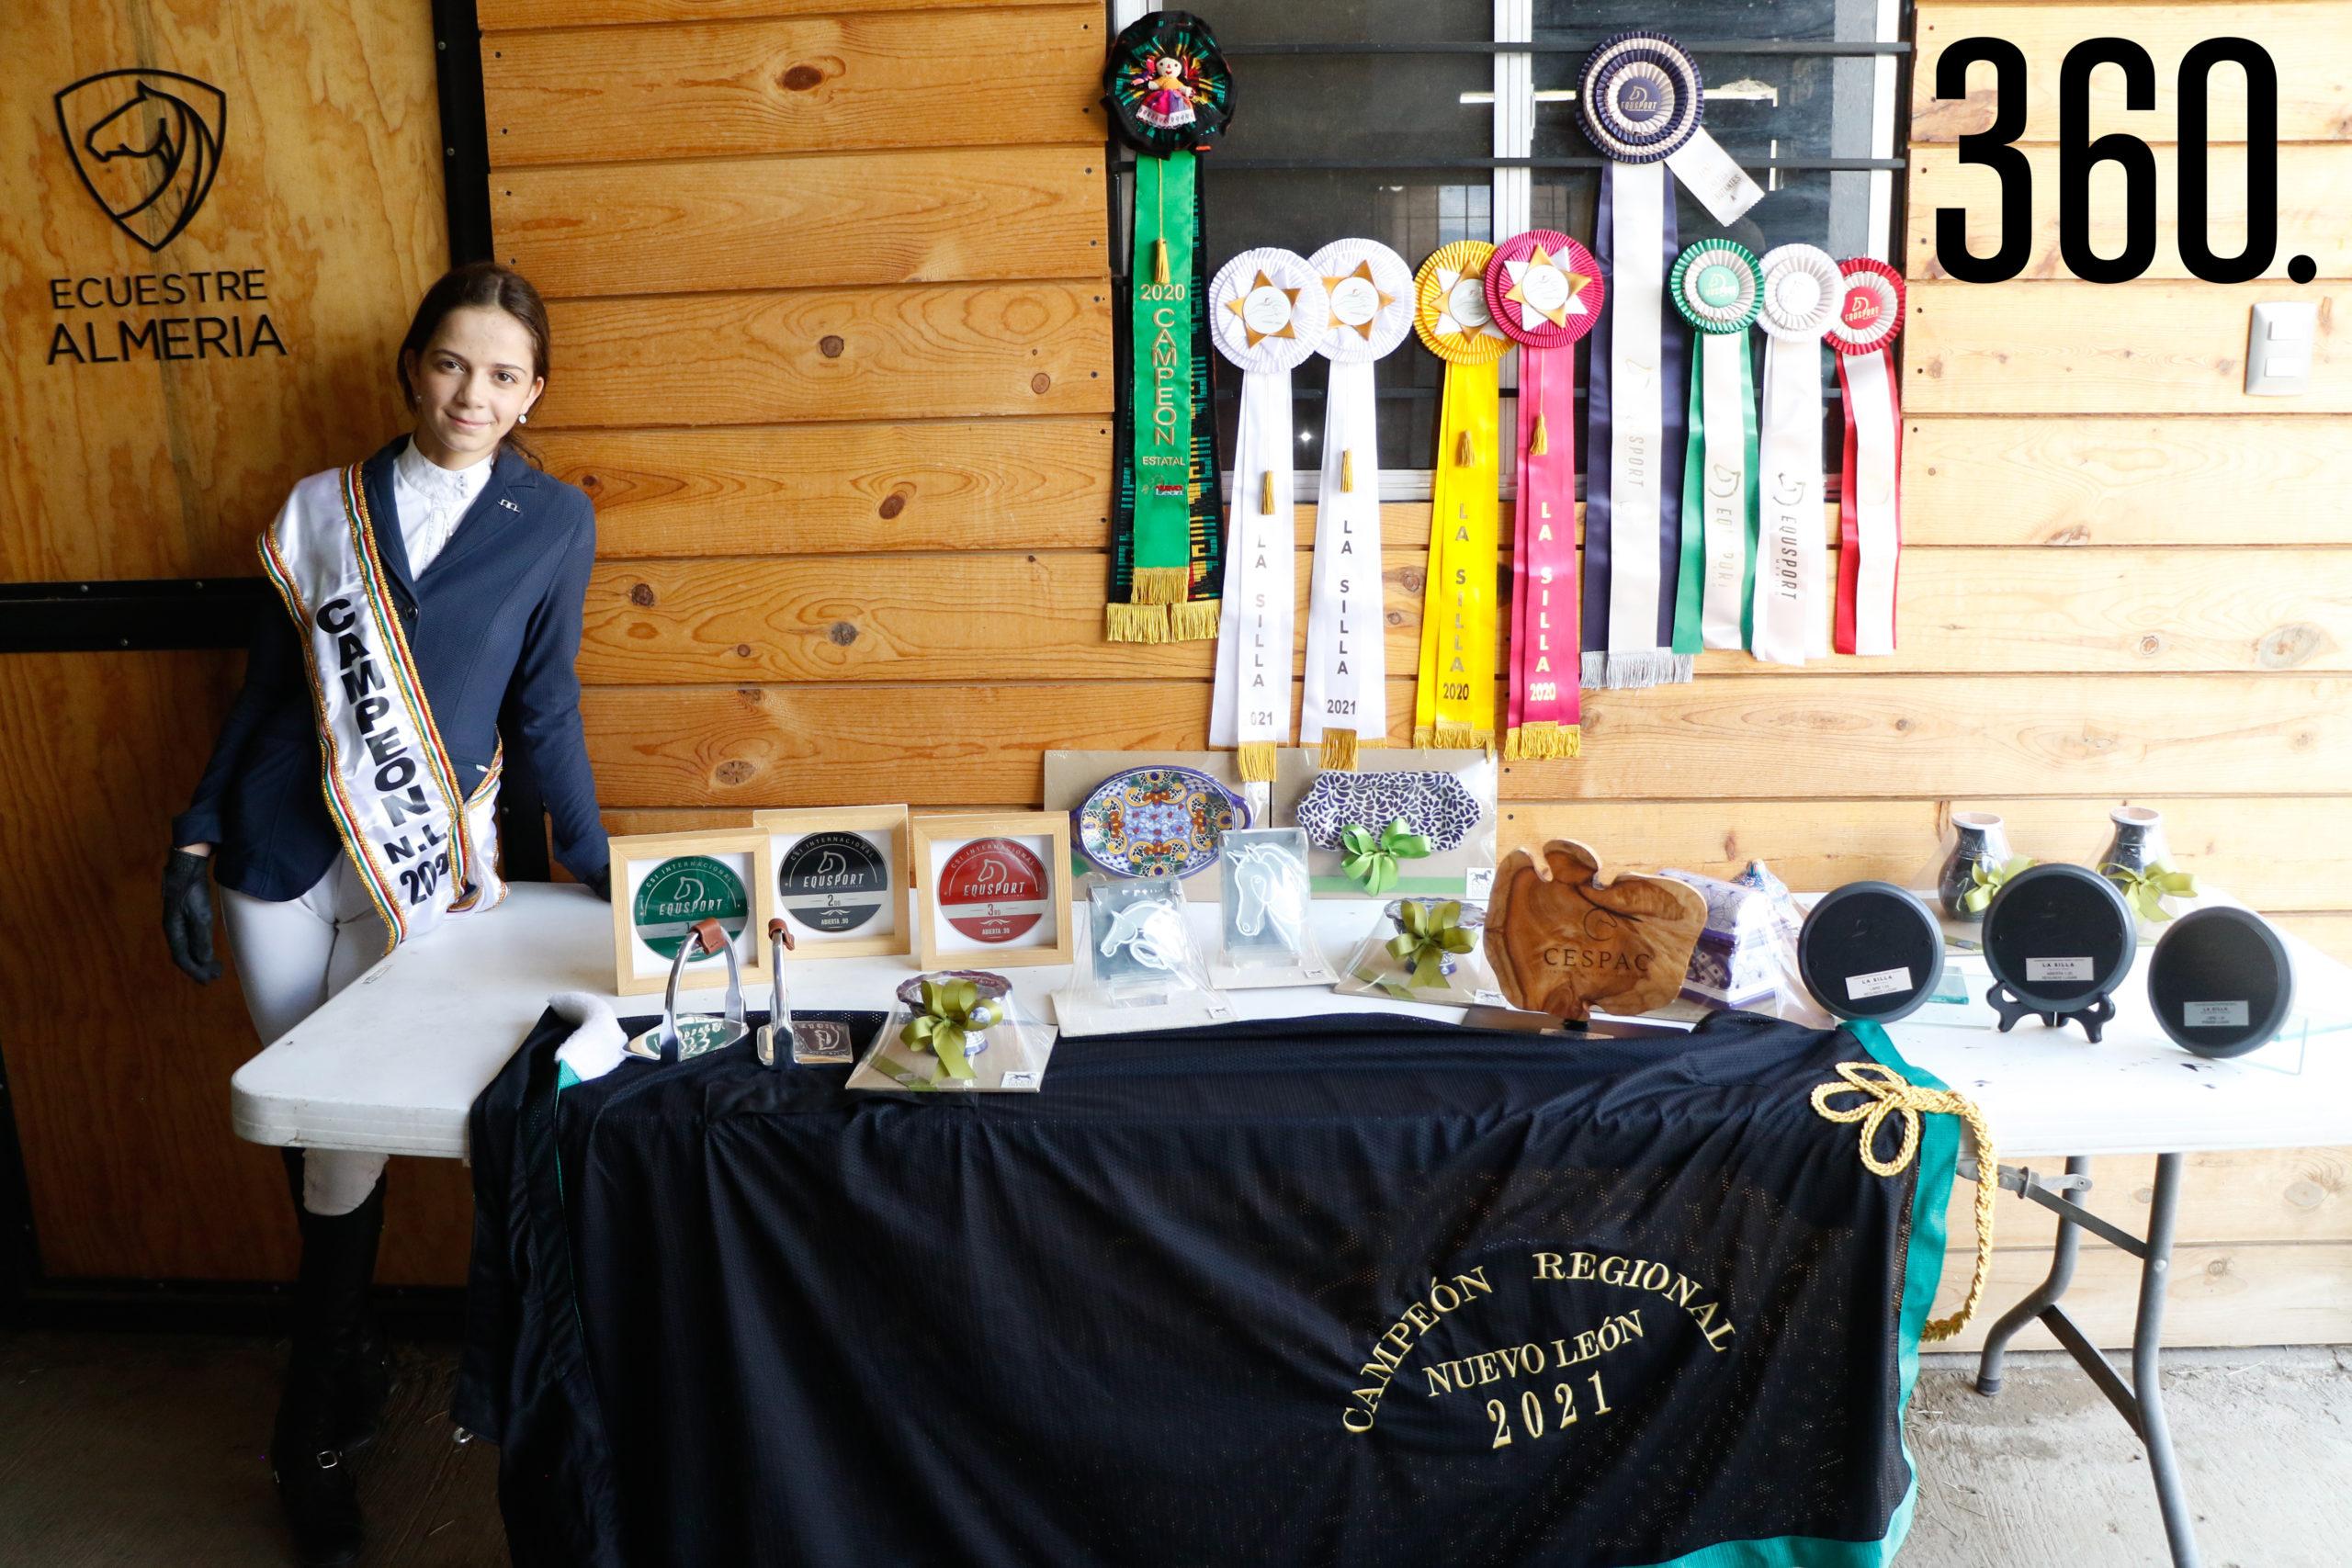 Lucía ha ganado múltiples competencias, entre ellas el título de campeona del Circuito Estatal NL 2020 como Jinete Debutante.